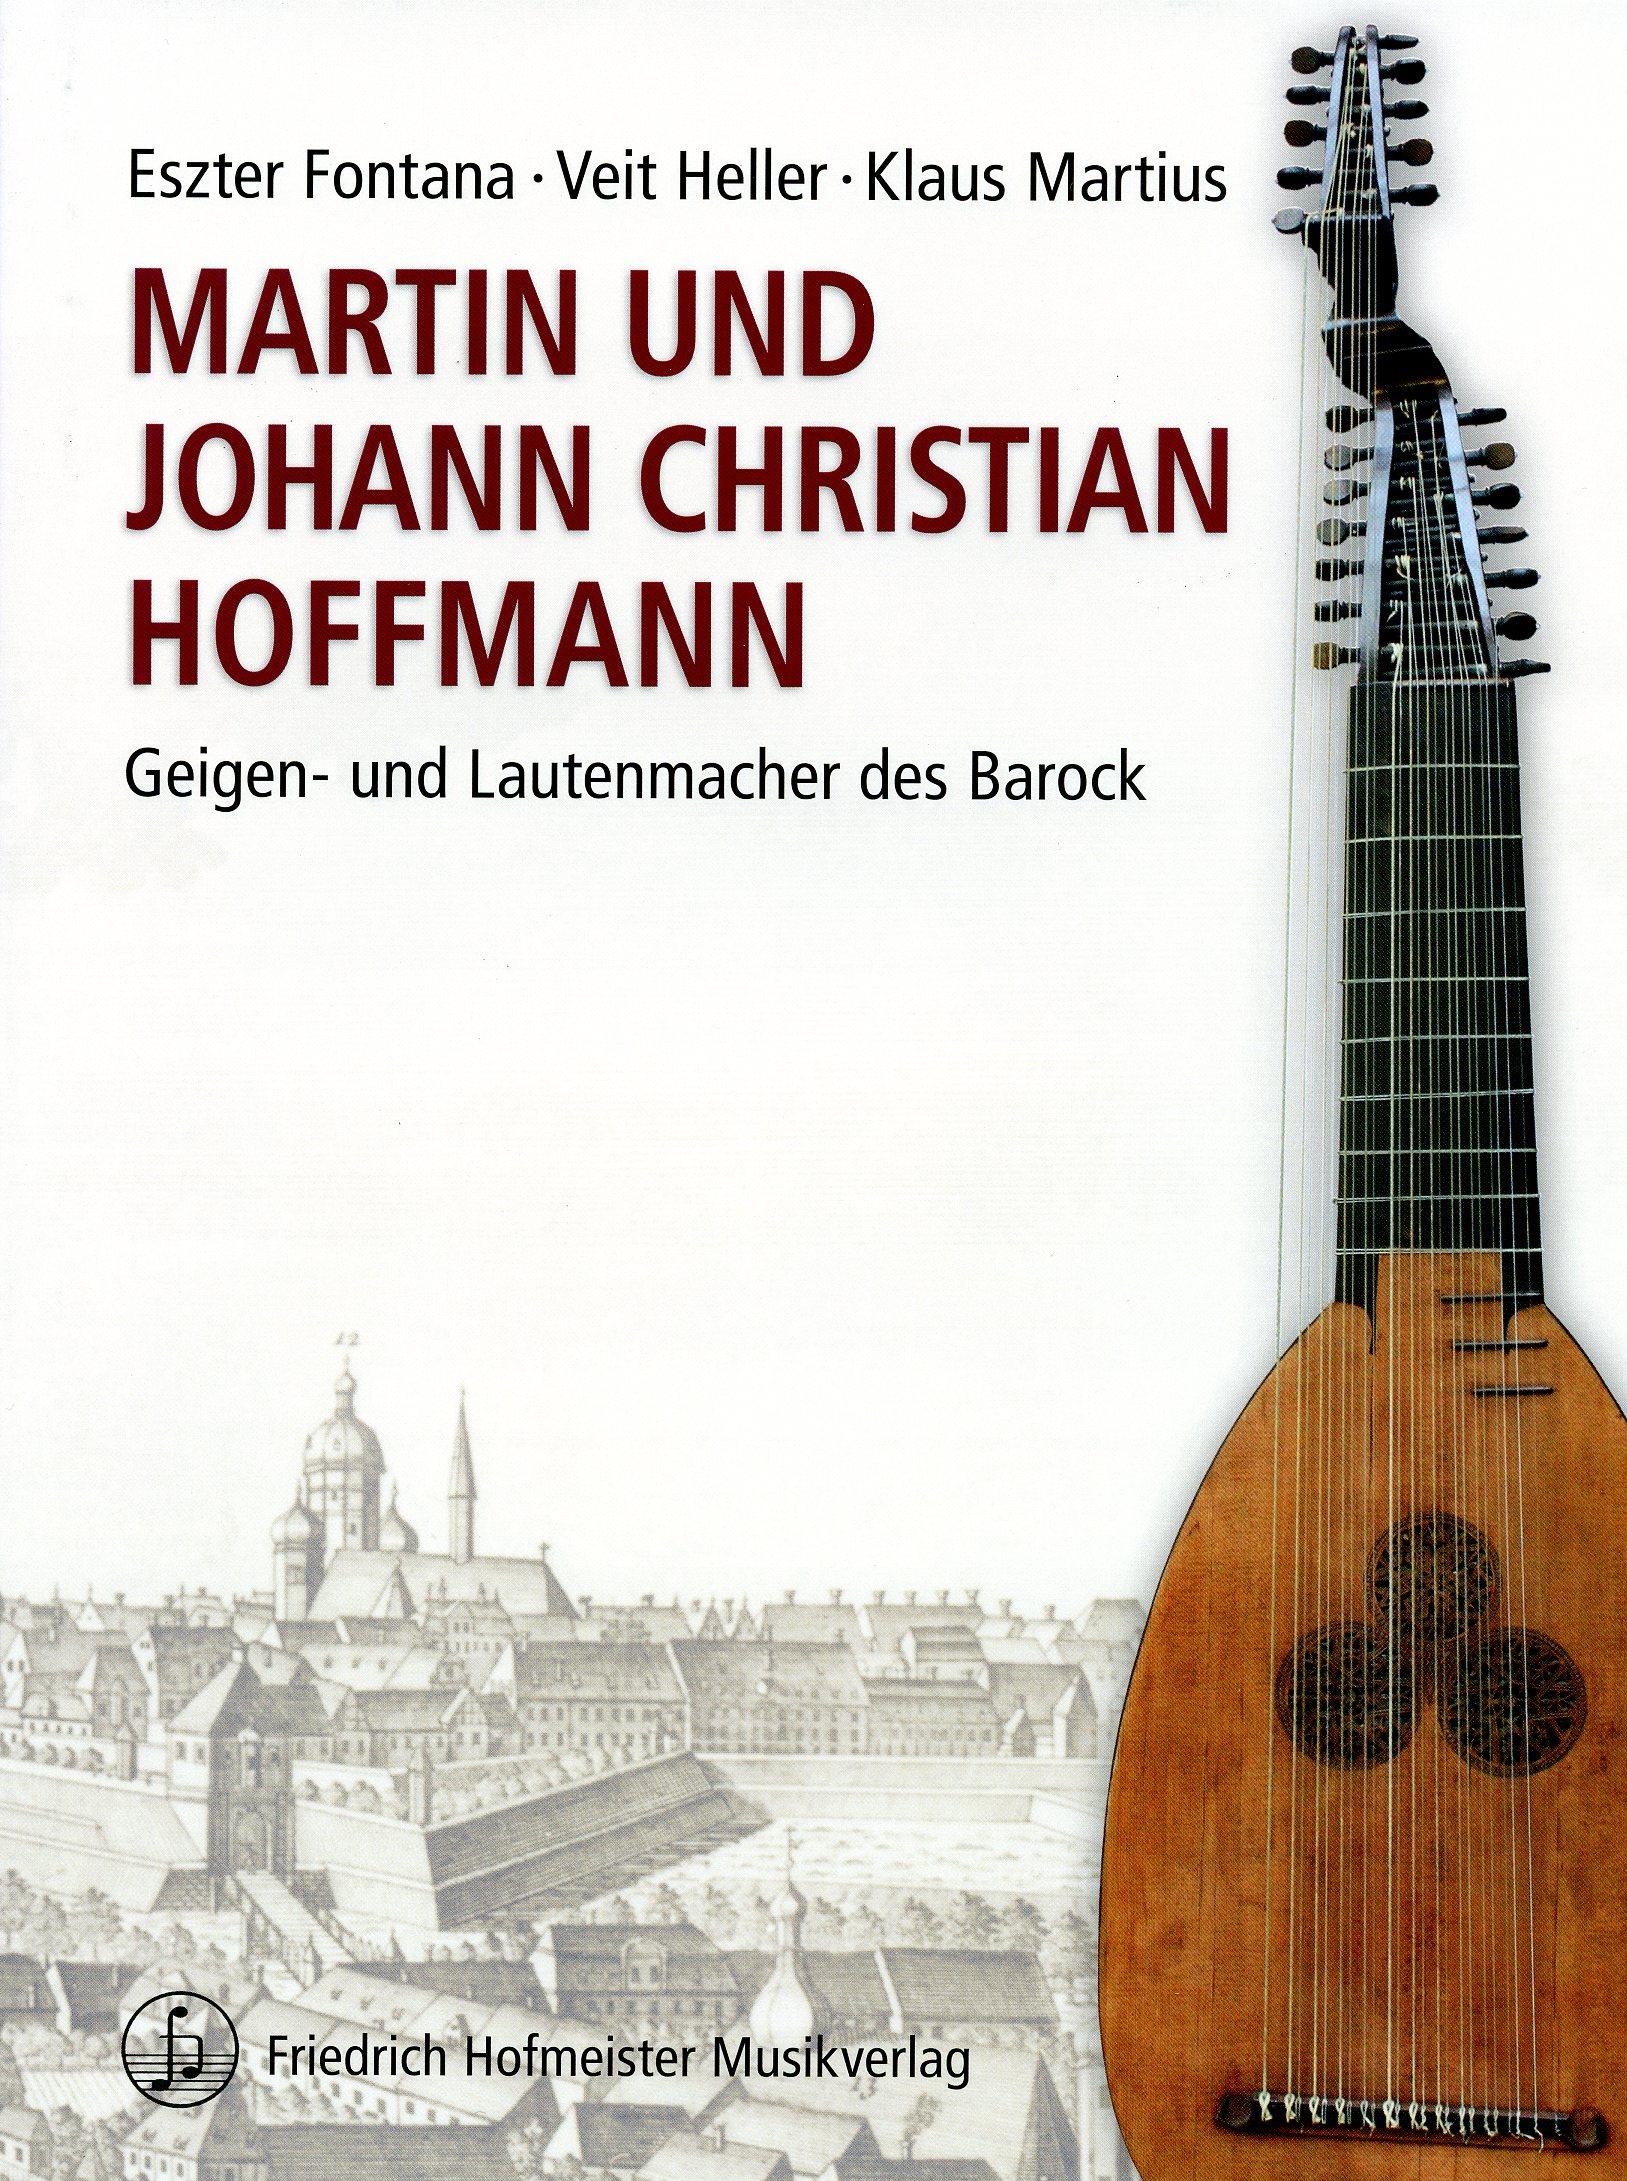 Martin und Johann Christian Hoffmann Klaus Martius